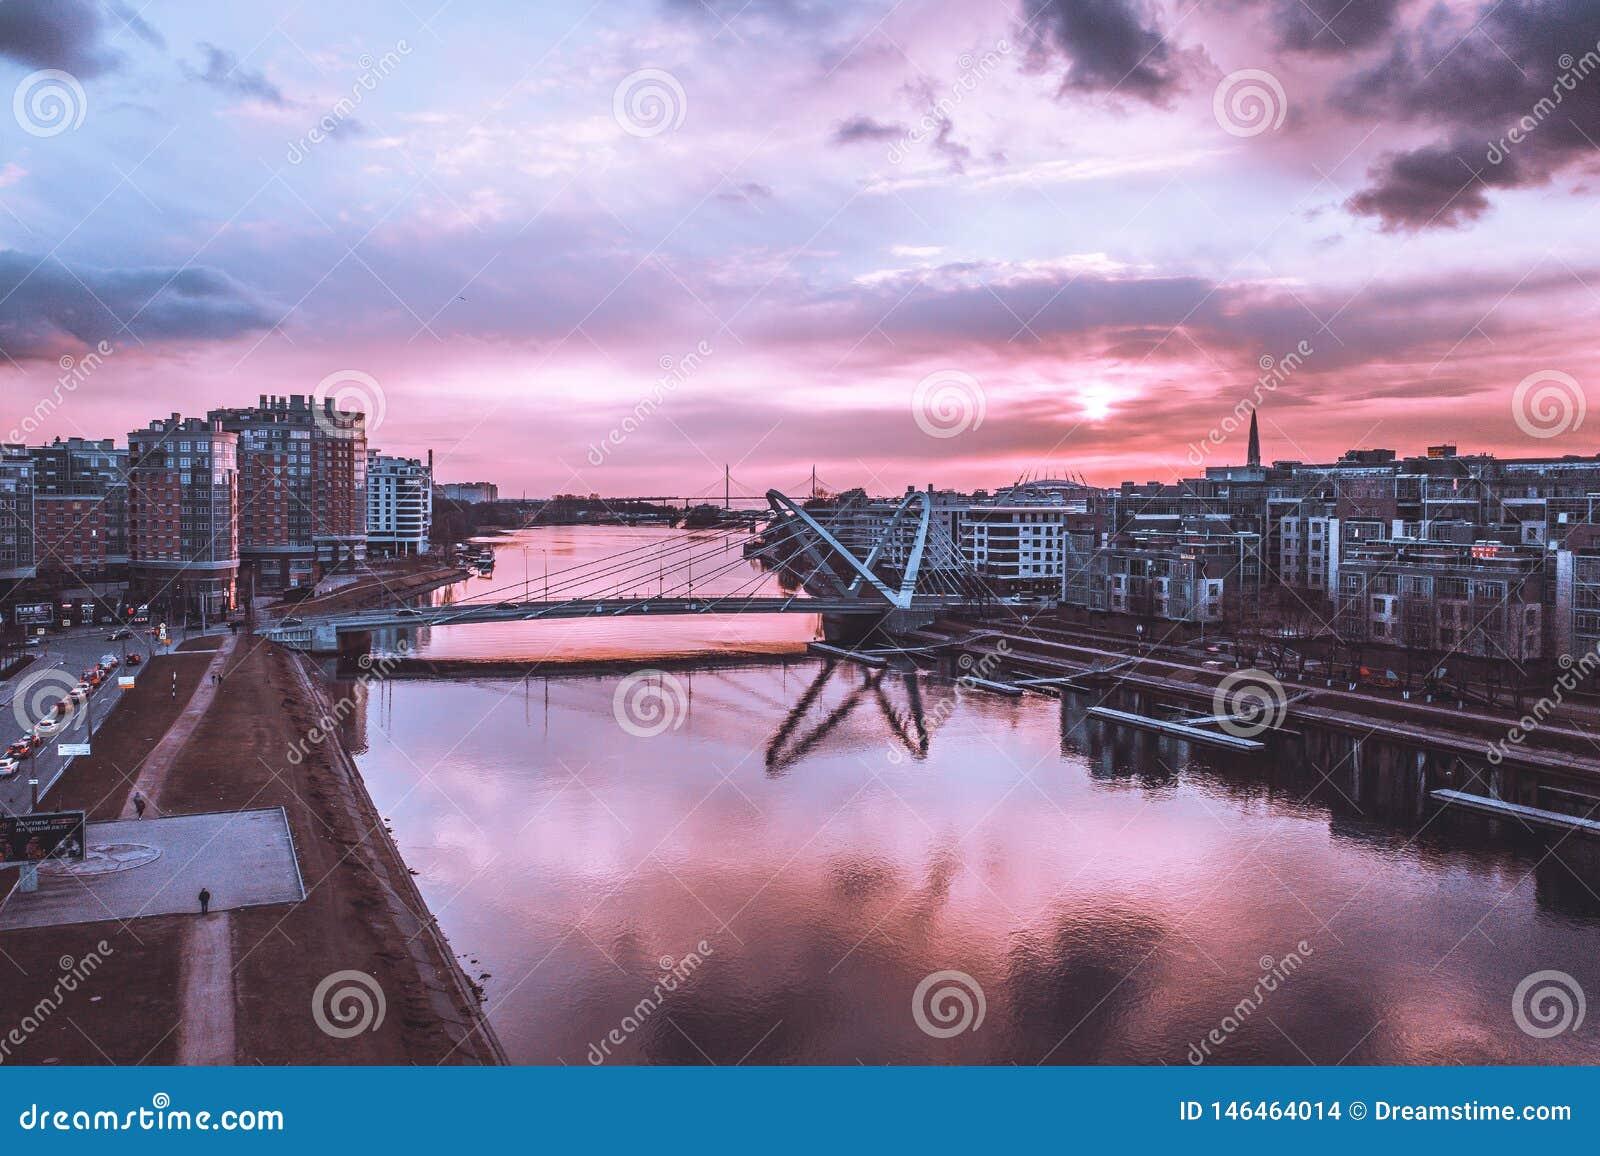 Lazarevsky Bridge in St. Petersburg. Cable-stayed Lazarevsky Bridge in Sant Petersburg a sunset, Russia